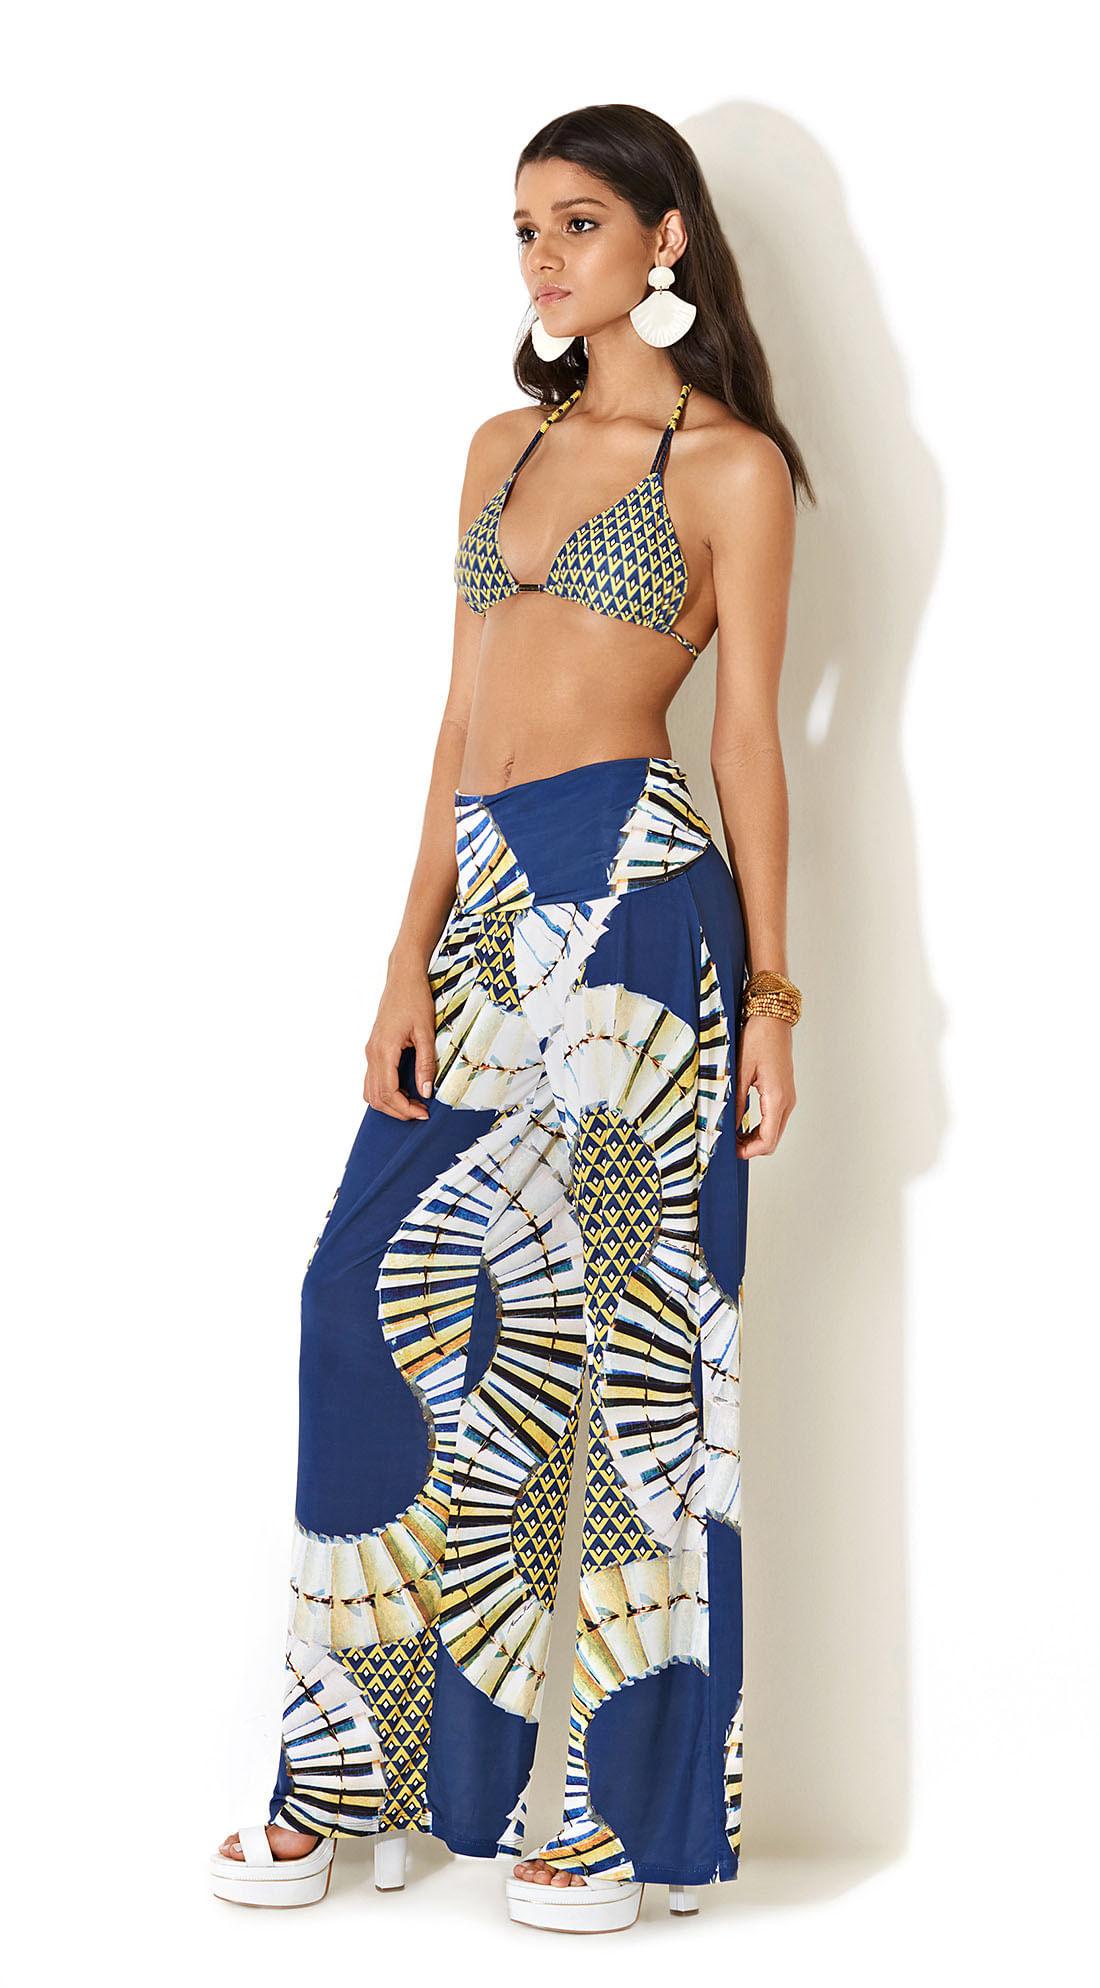 Calca Pantalona Estampada Azul - morenarosa 38d0e5e3a6f